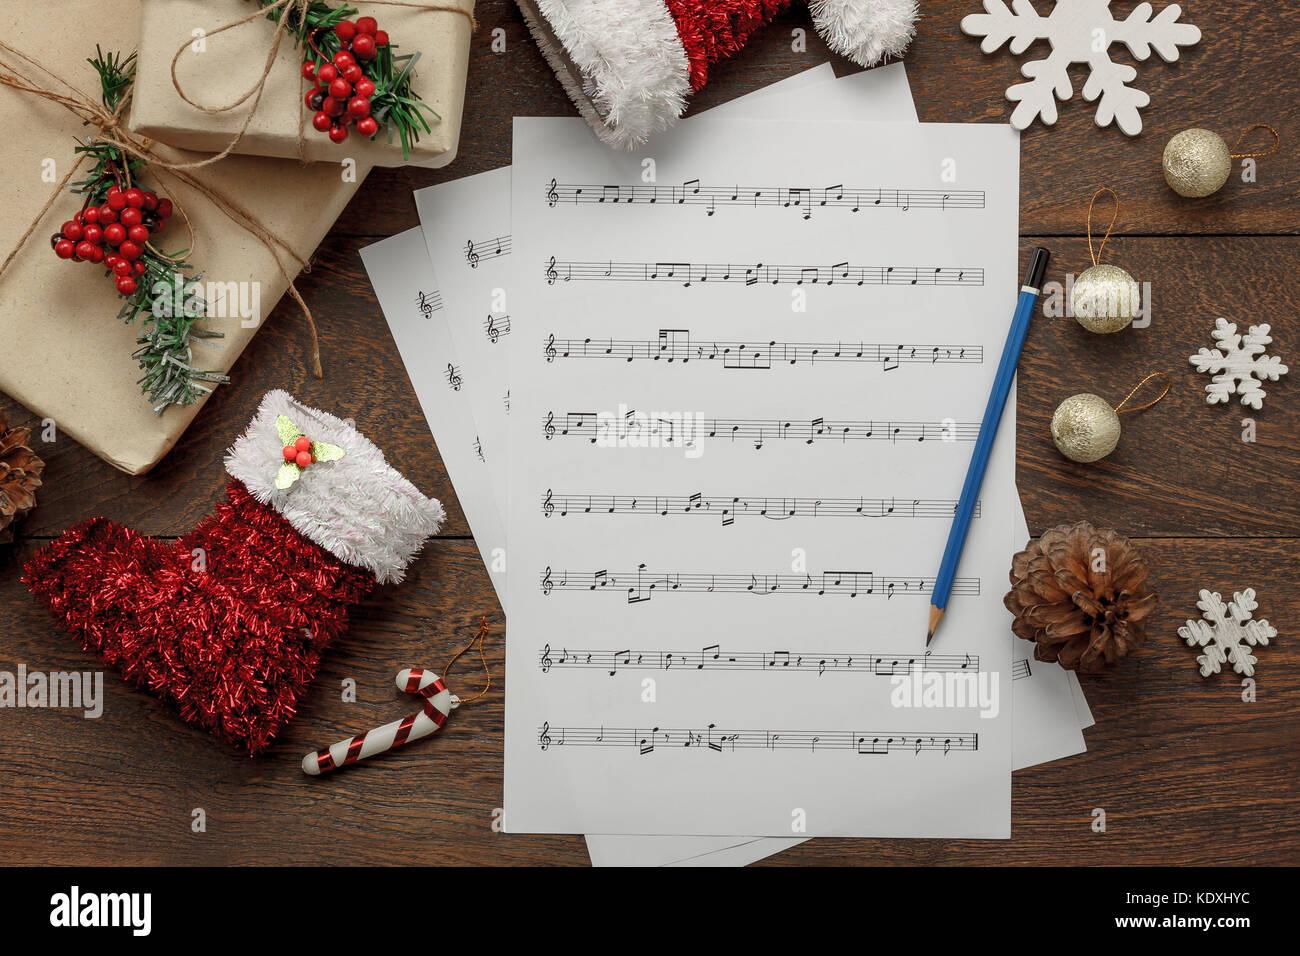 Frohe Weihnachten Musik.Luftaufnahme Von Frohe Weihnachten Und Musik Hintergrund Konzept